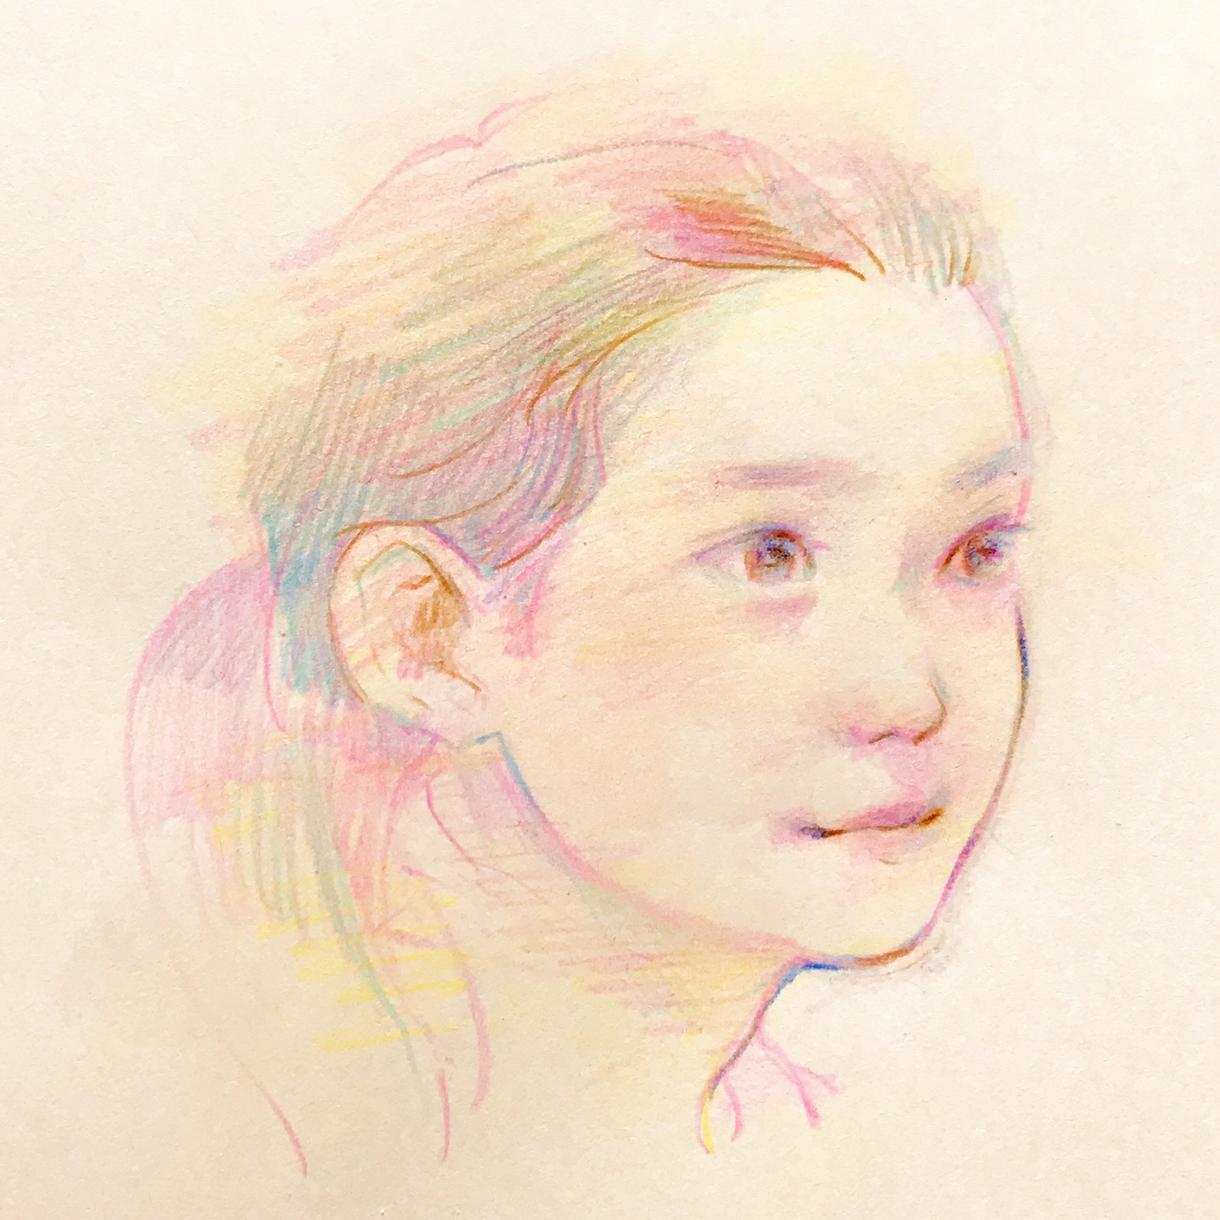 色鉛筆であたたかい雰囲気の似顔絵作成します ●思い出に、誕生日に、記念日に、家族へのプレゼントに